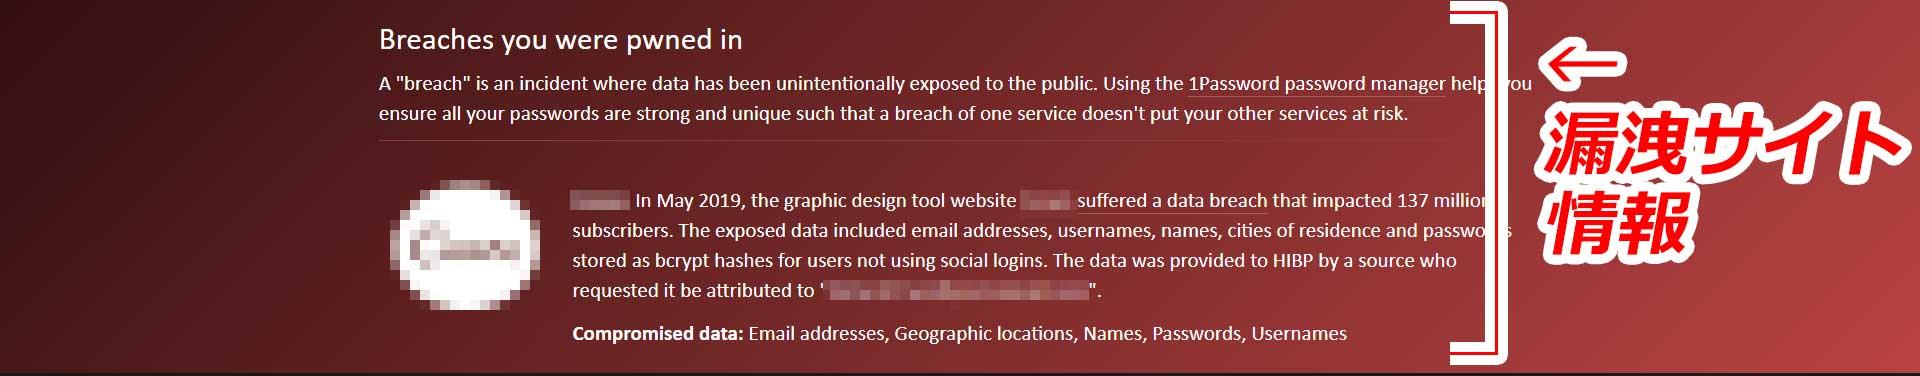 メールアドレス漏洩元サイトの情報が表示される